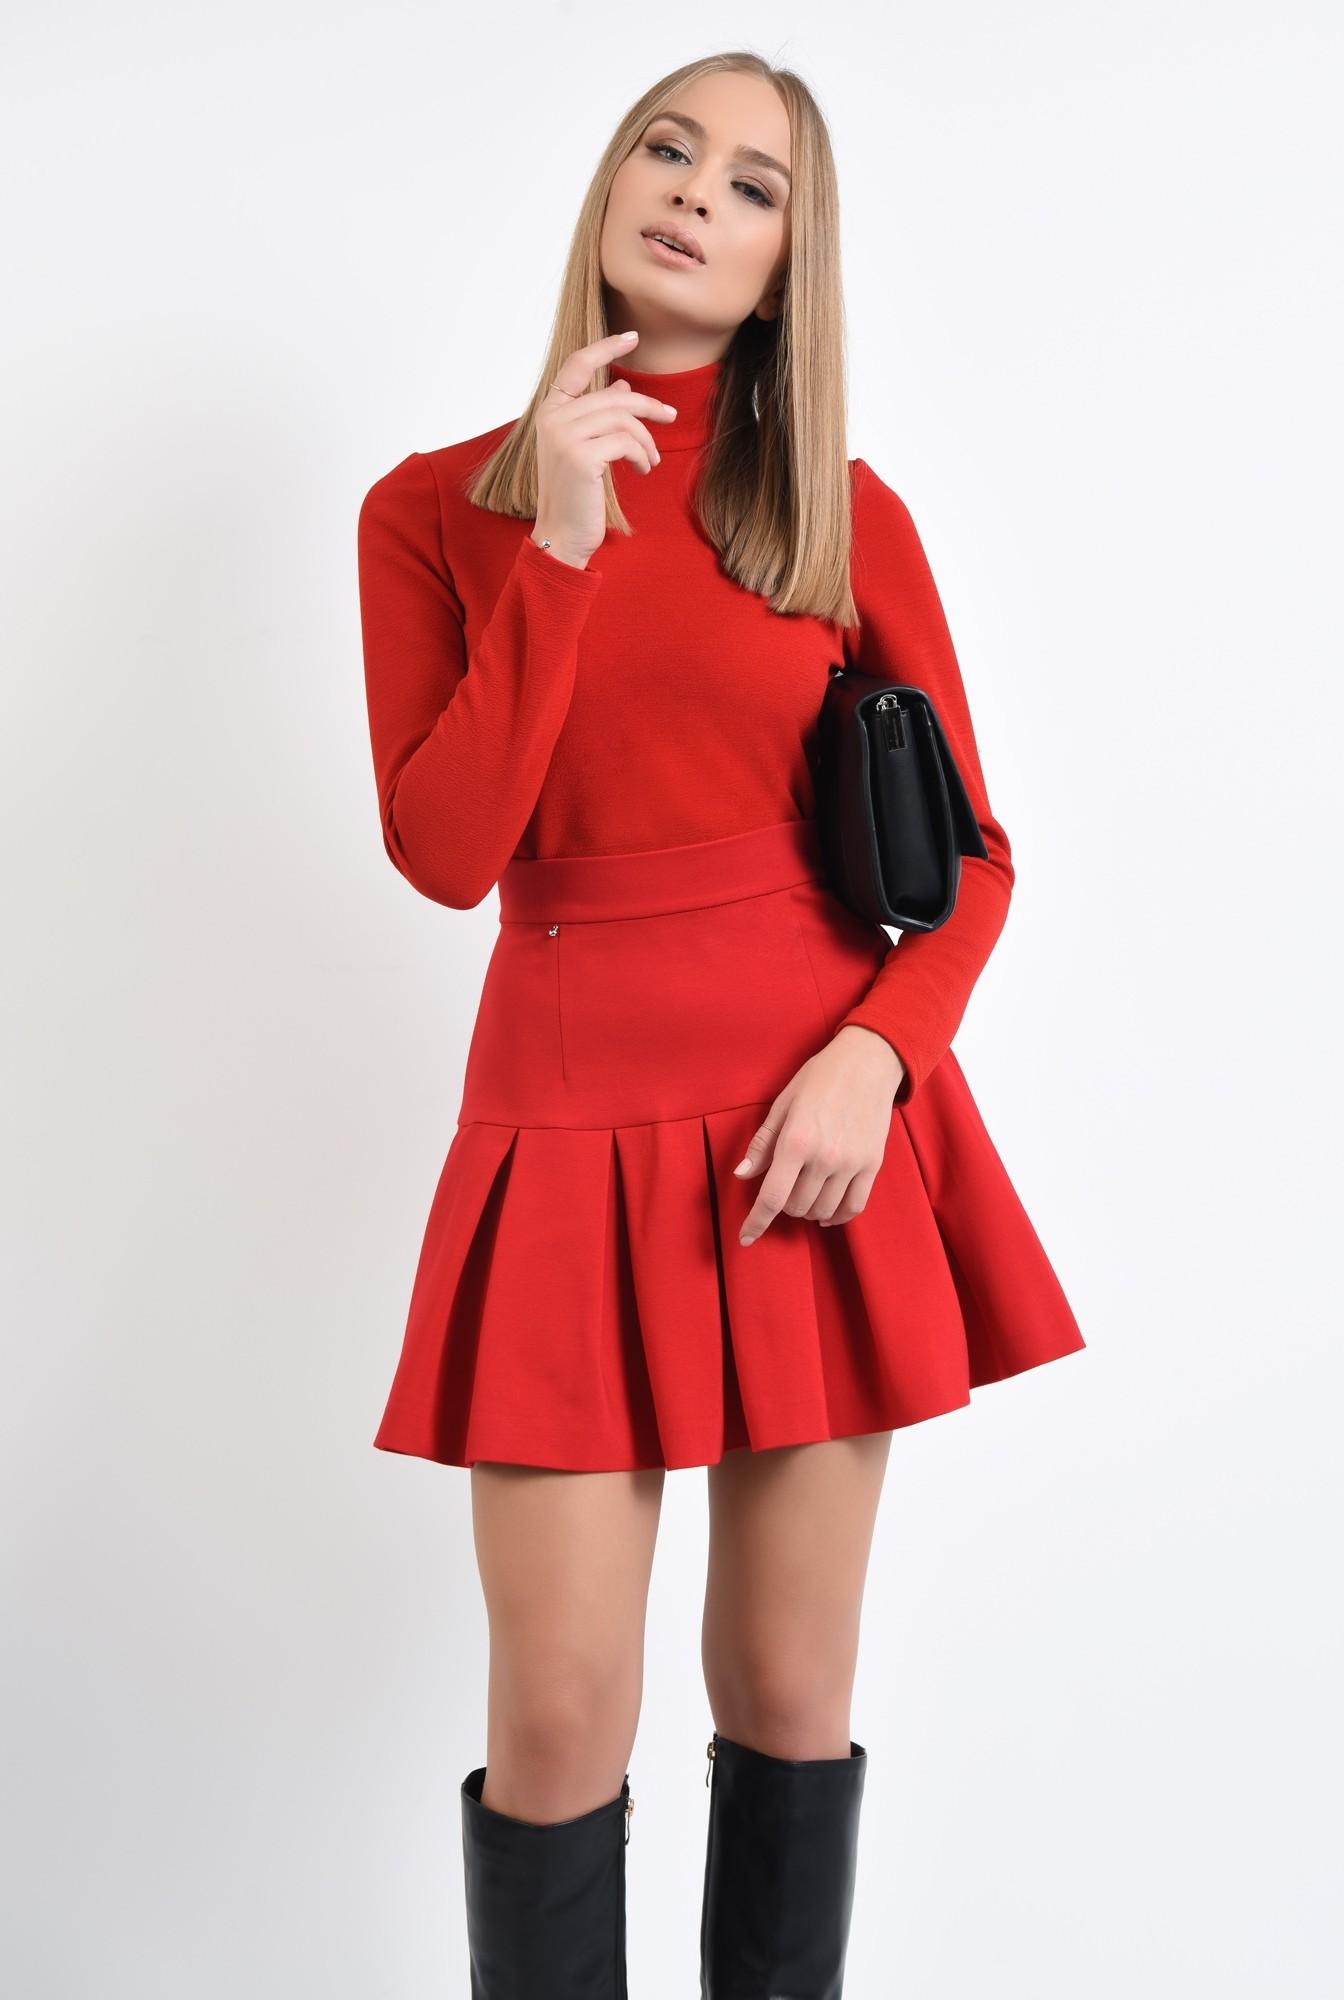 0 - 360 - fusta rosie, de zi, tesatura elastica, colectie toamna